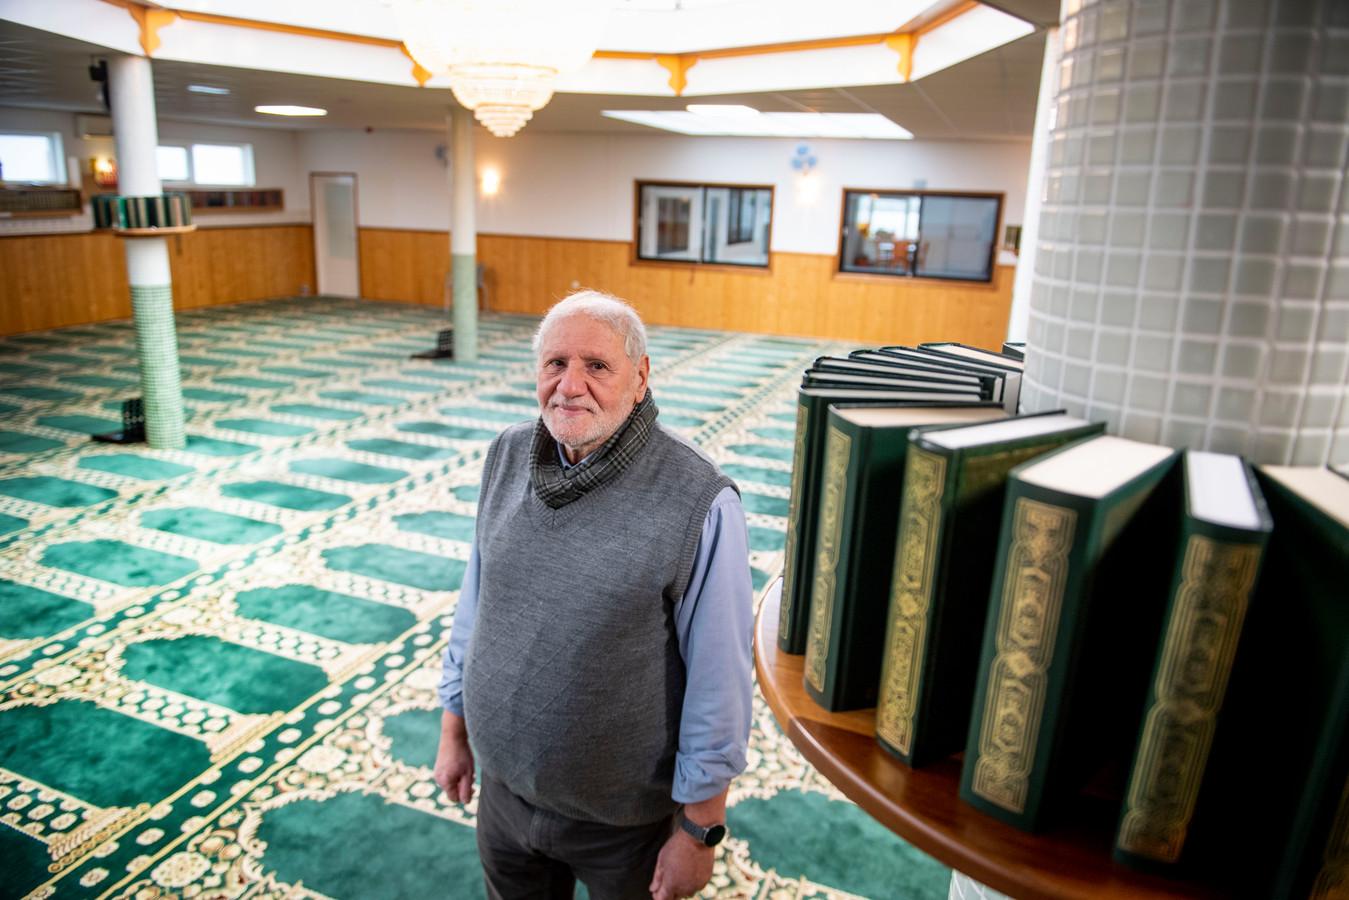 """Mustafa Bouhekan van de Marokkaanse moskee Masjid: """"We kunnen op 1,5 meter 73 mensen kwijt in de gebedsruimte, maar laten niet meer dan dertig mensen toe."""""""